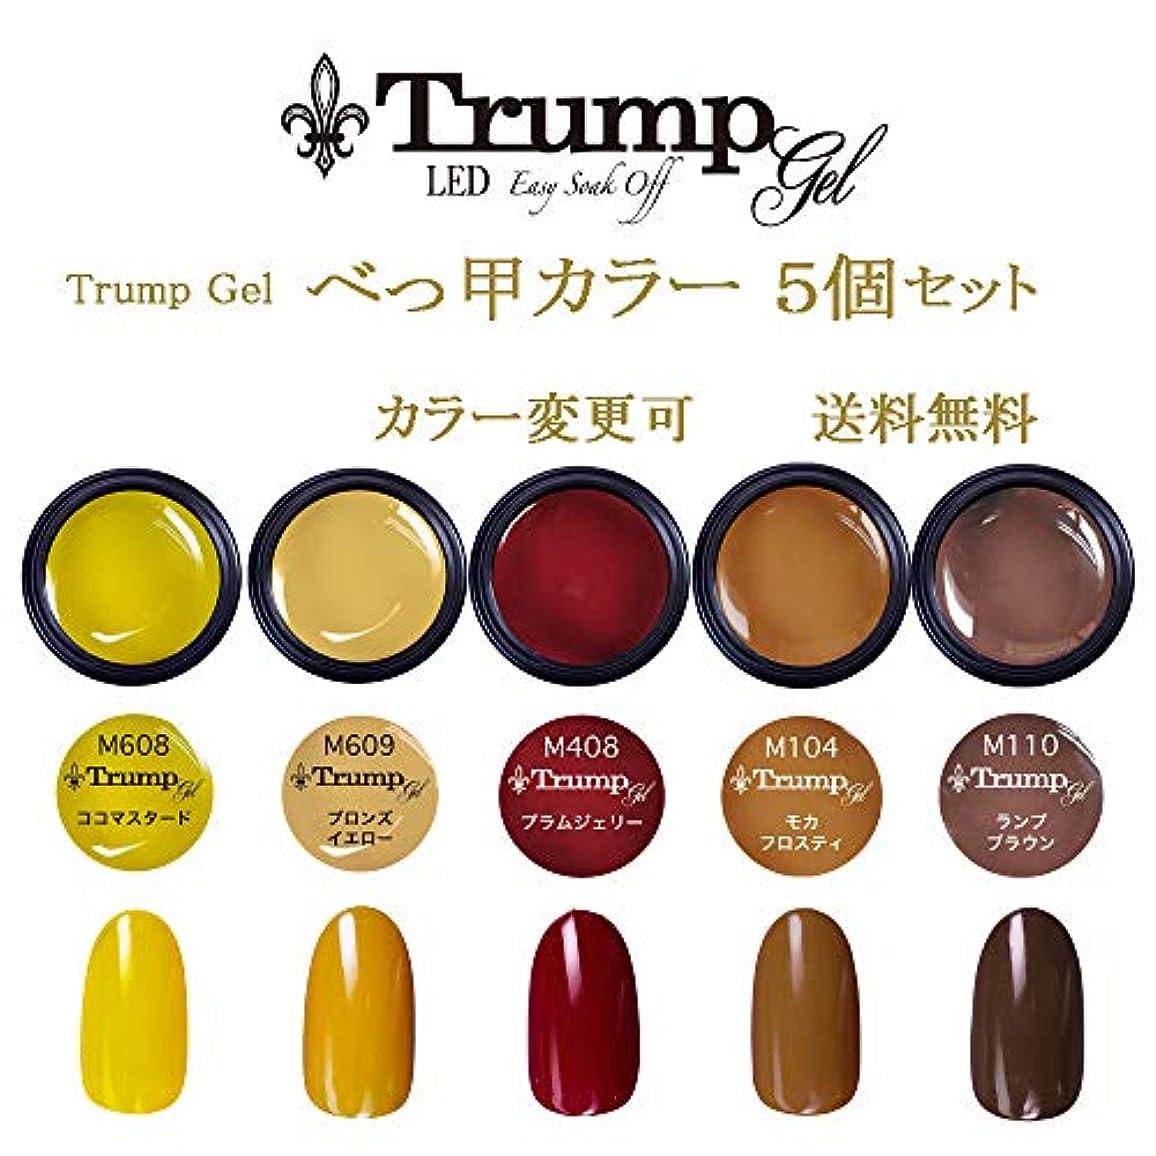 破壊的お金近代化【送料無料】日本製 Trump gel トランプジェル べっ甲カラー ブラウン系 選べる カラージェル 5個セット べっ甲ネイル ベージュ ブラウン マスタード カラー